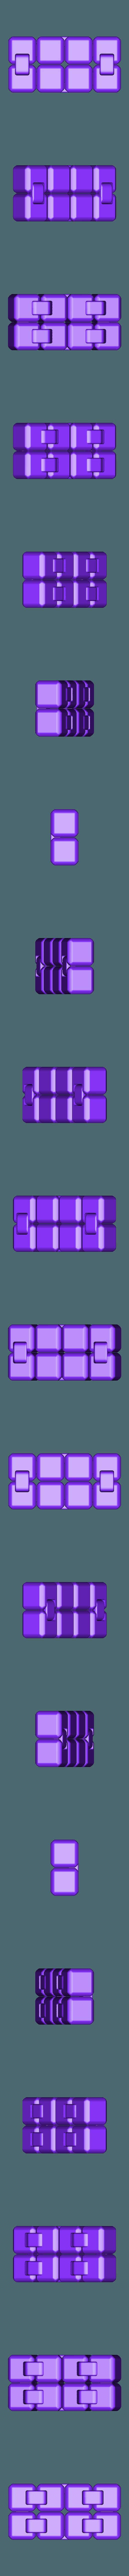 Fidget_Cube_blockGap0.125_hingeGap0.125.stl Télécharger fichier STL gratuit Fidget Cube Remix • Design à imprimer en 3D, WalterHsiao